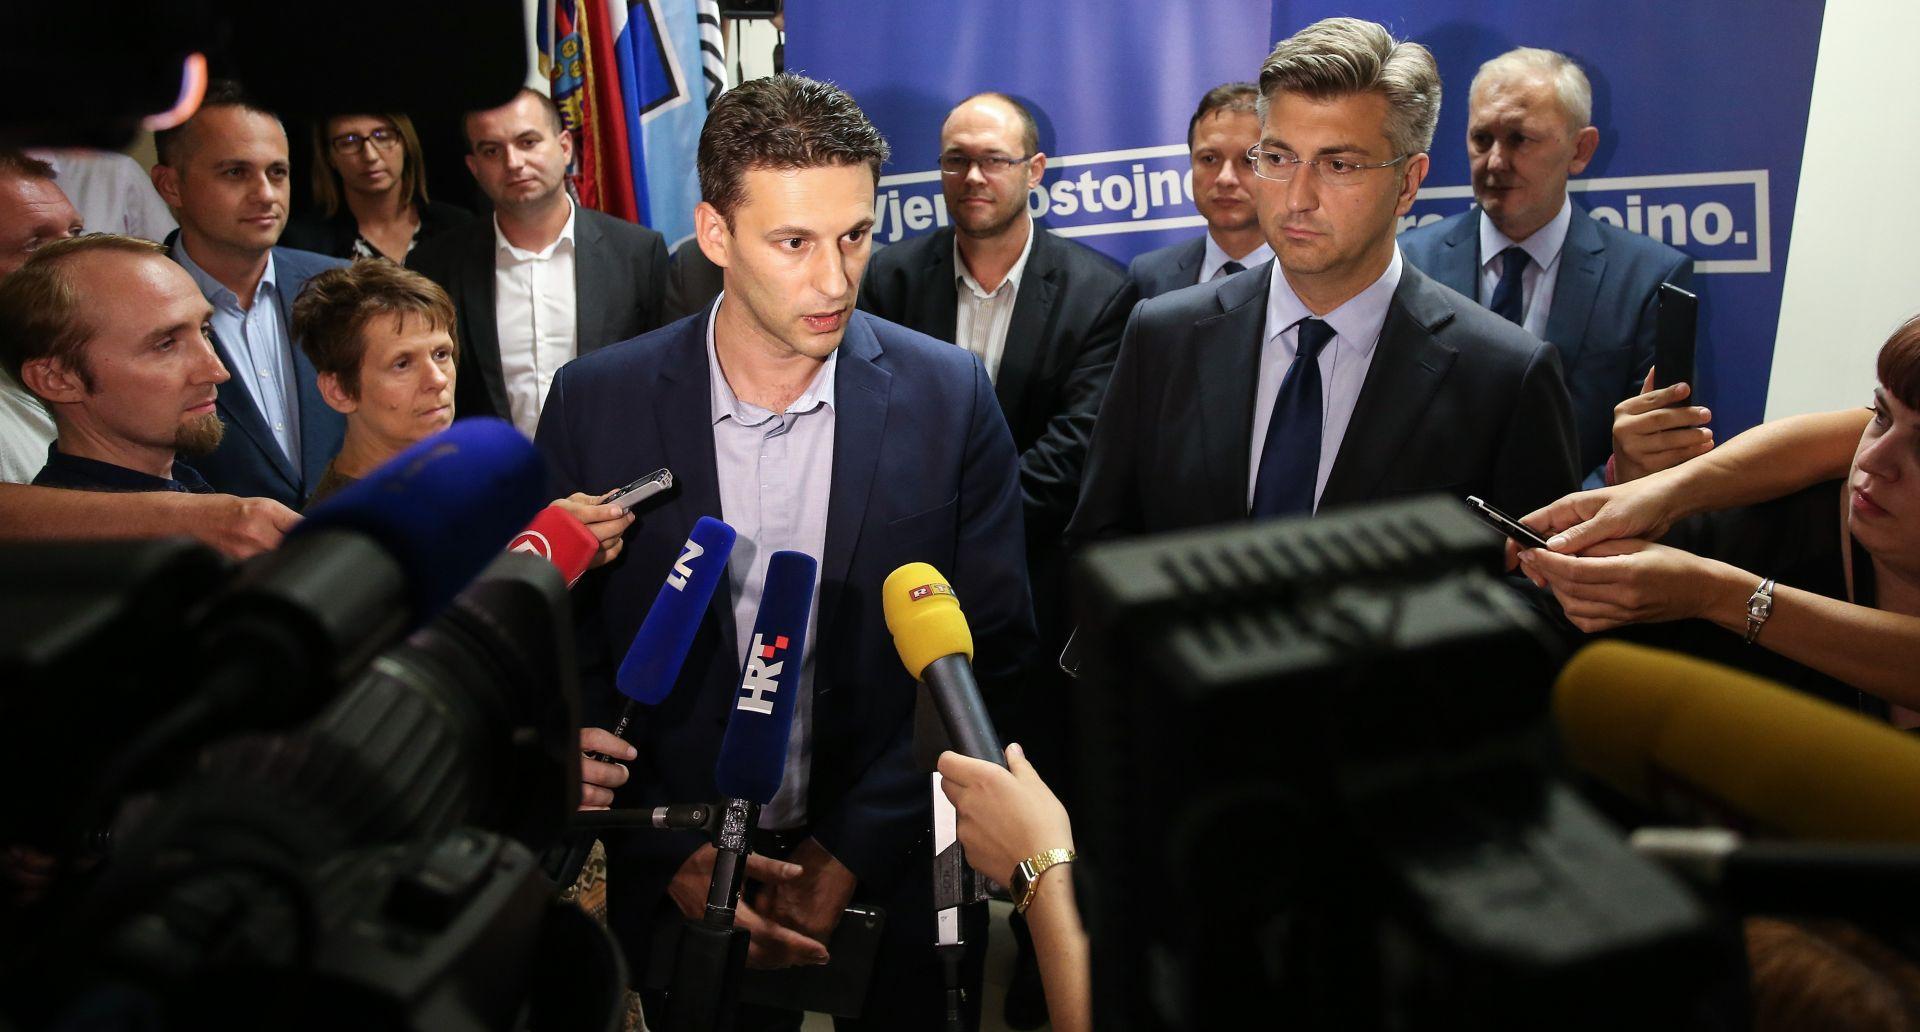 SASTANAK HDZ-a I MOST-a Petrov: 'Slažemo se da ovo bude mali zalog buduće suradnje'